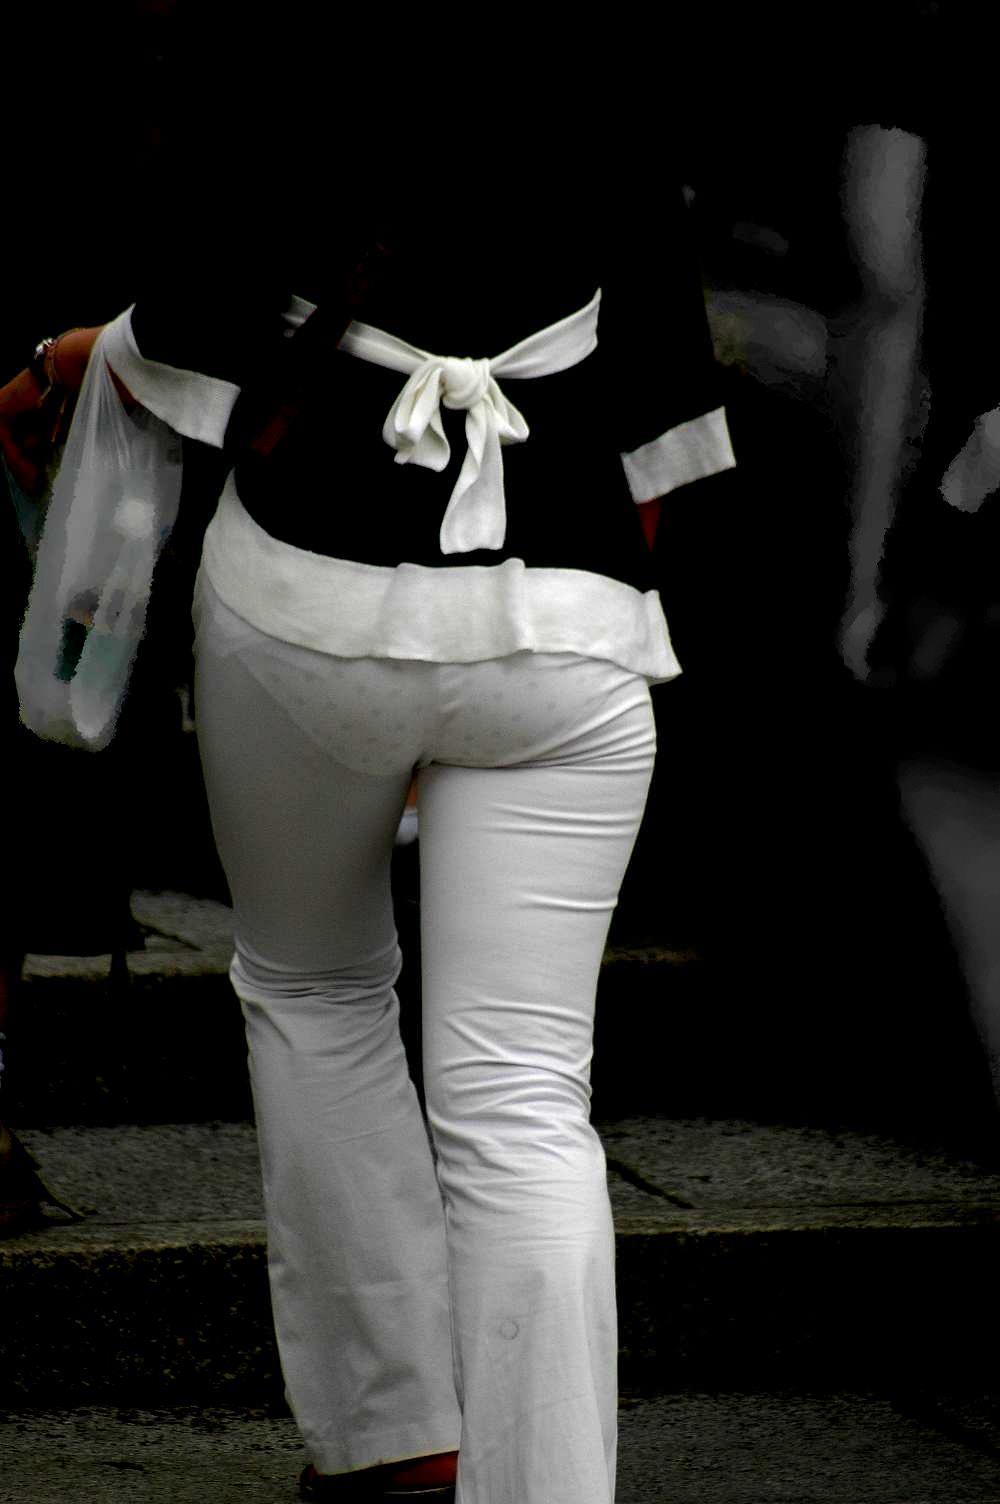 素人のエッチなお尻とパンツが透けてるwwww街撮りエロ画像 1545